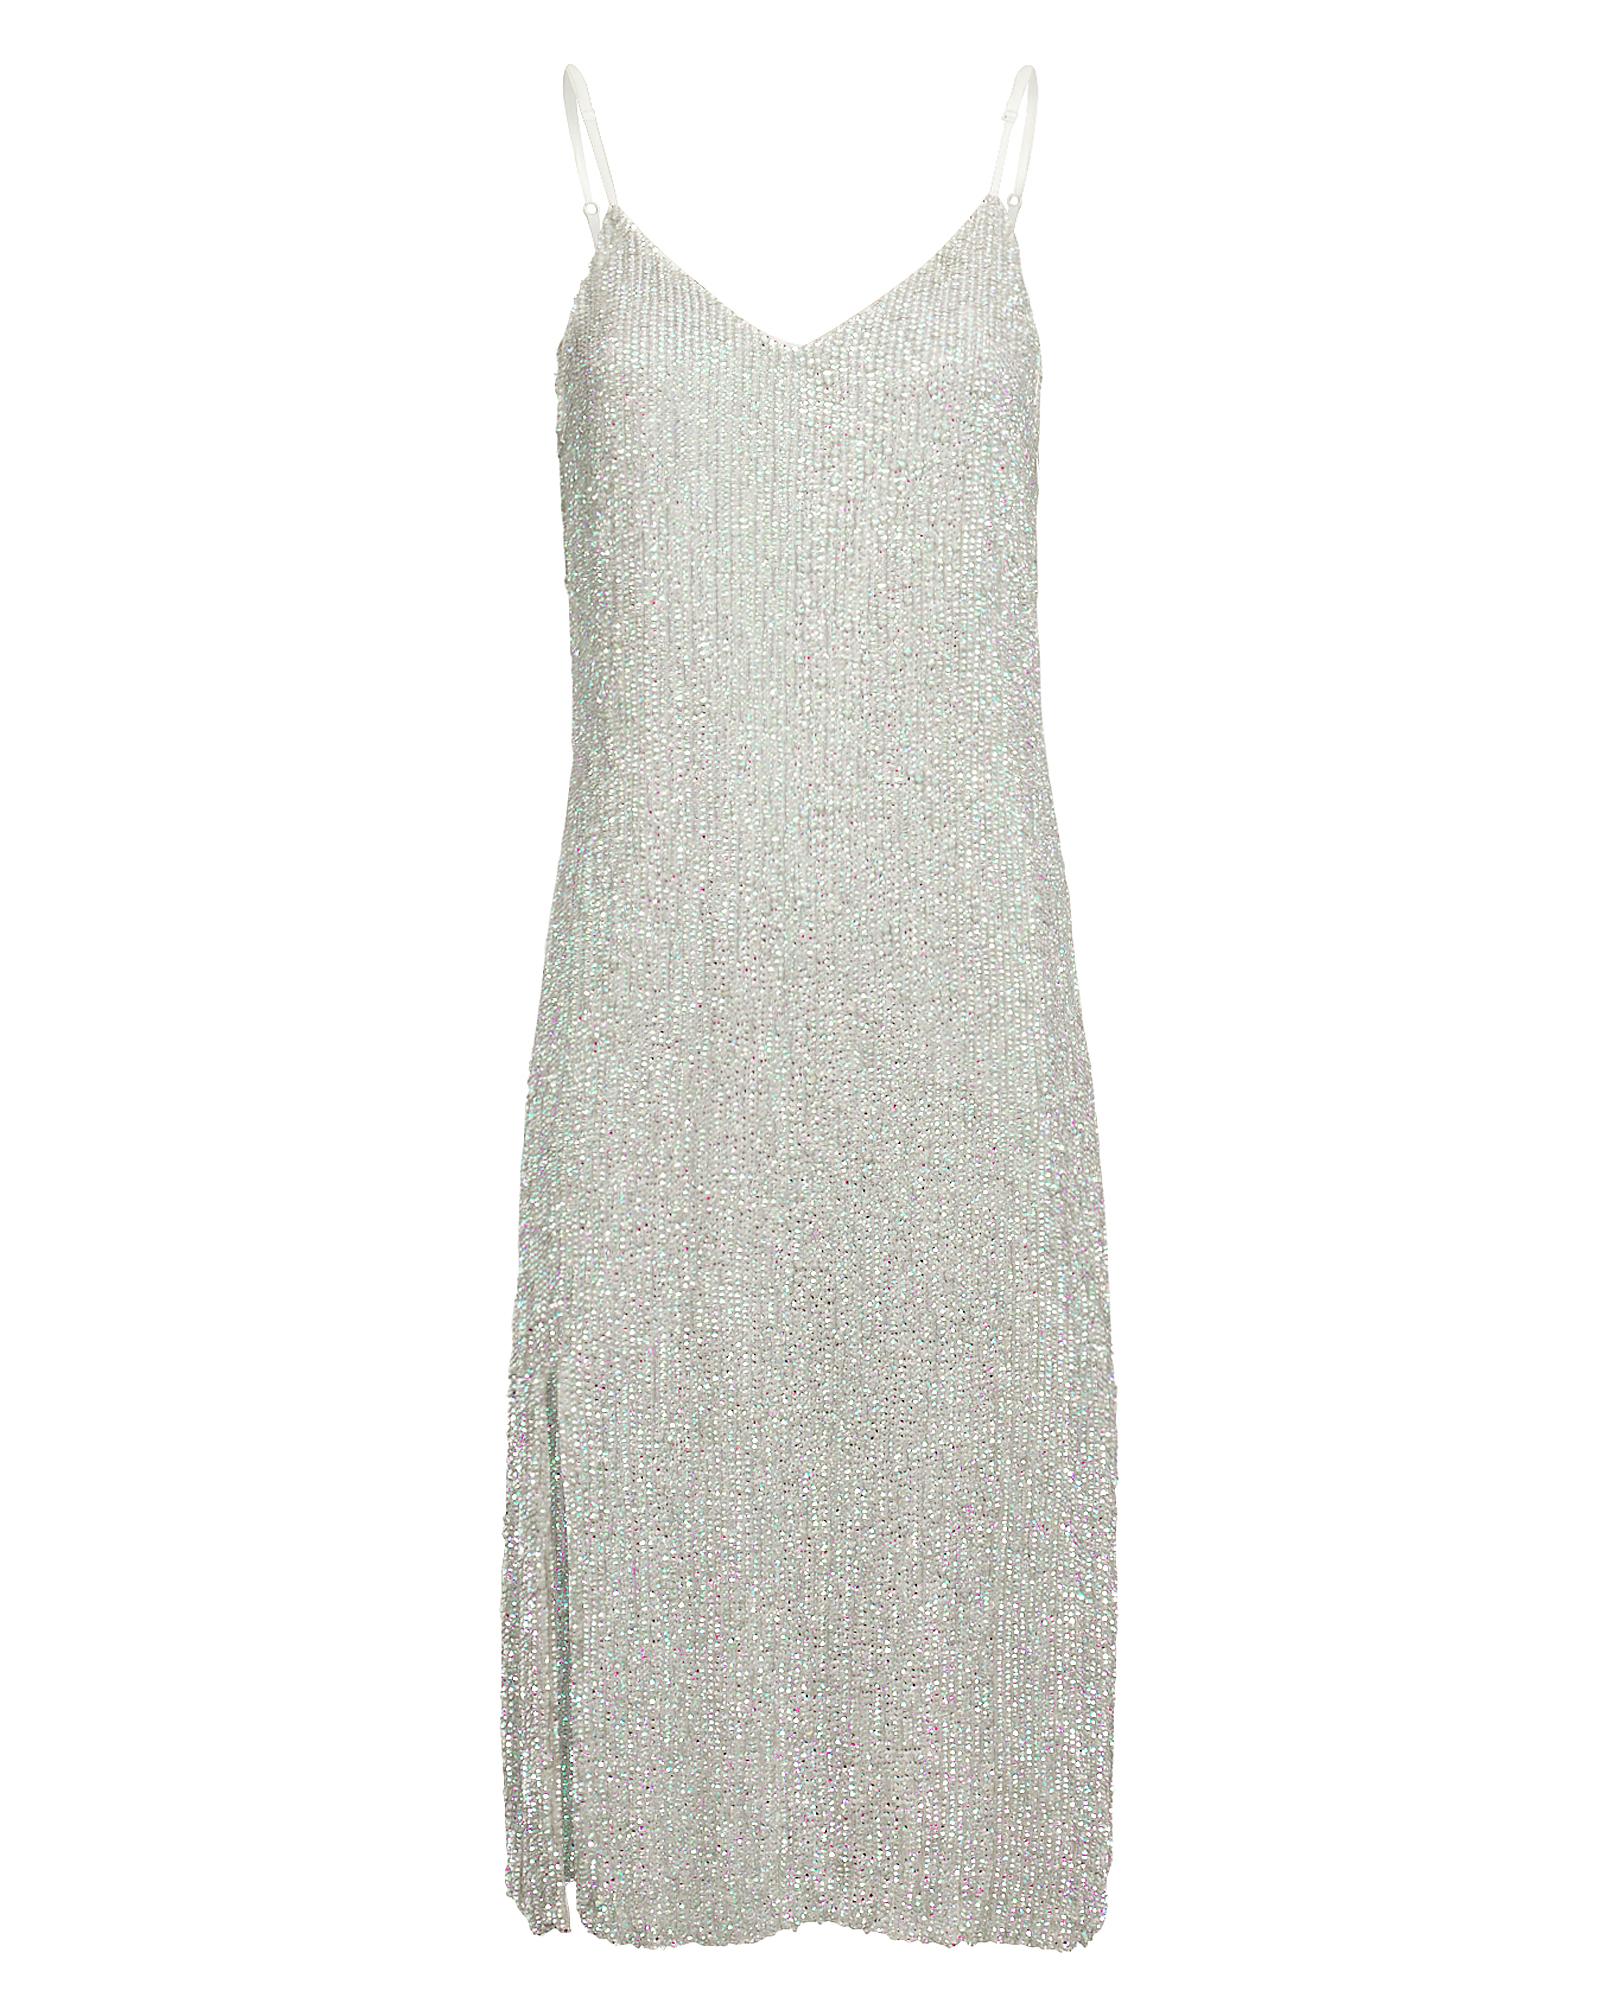 Retroféte Dresses RETROFêTE DENISA METALLIC SLIP DRESS  SILVER M